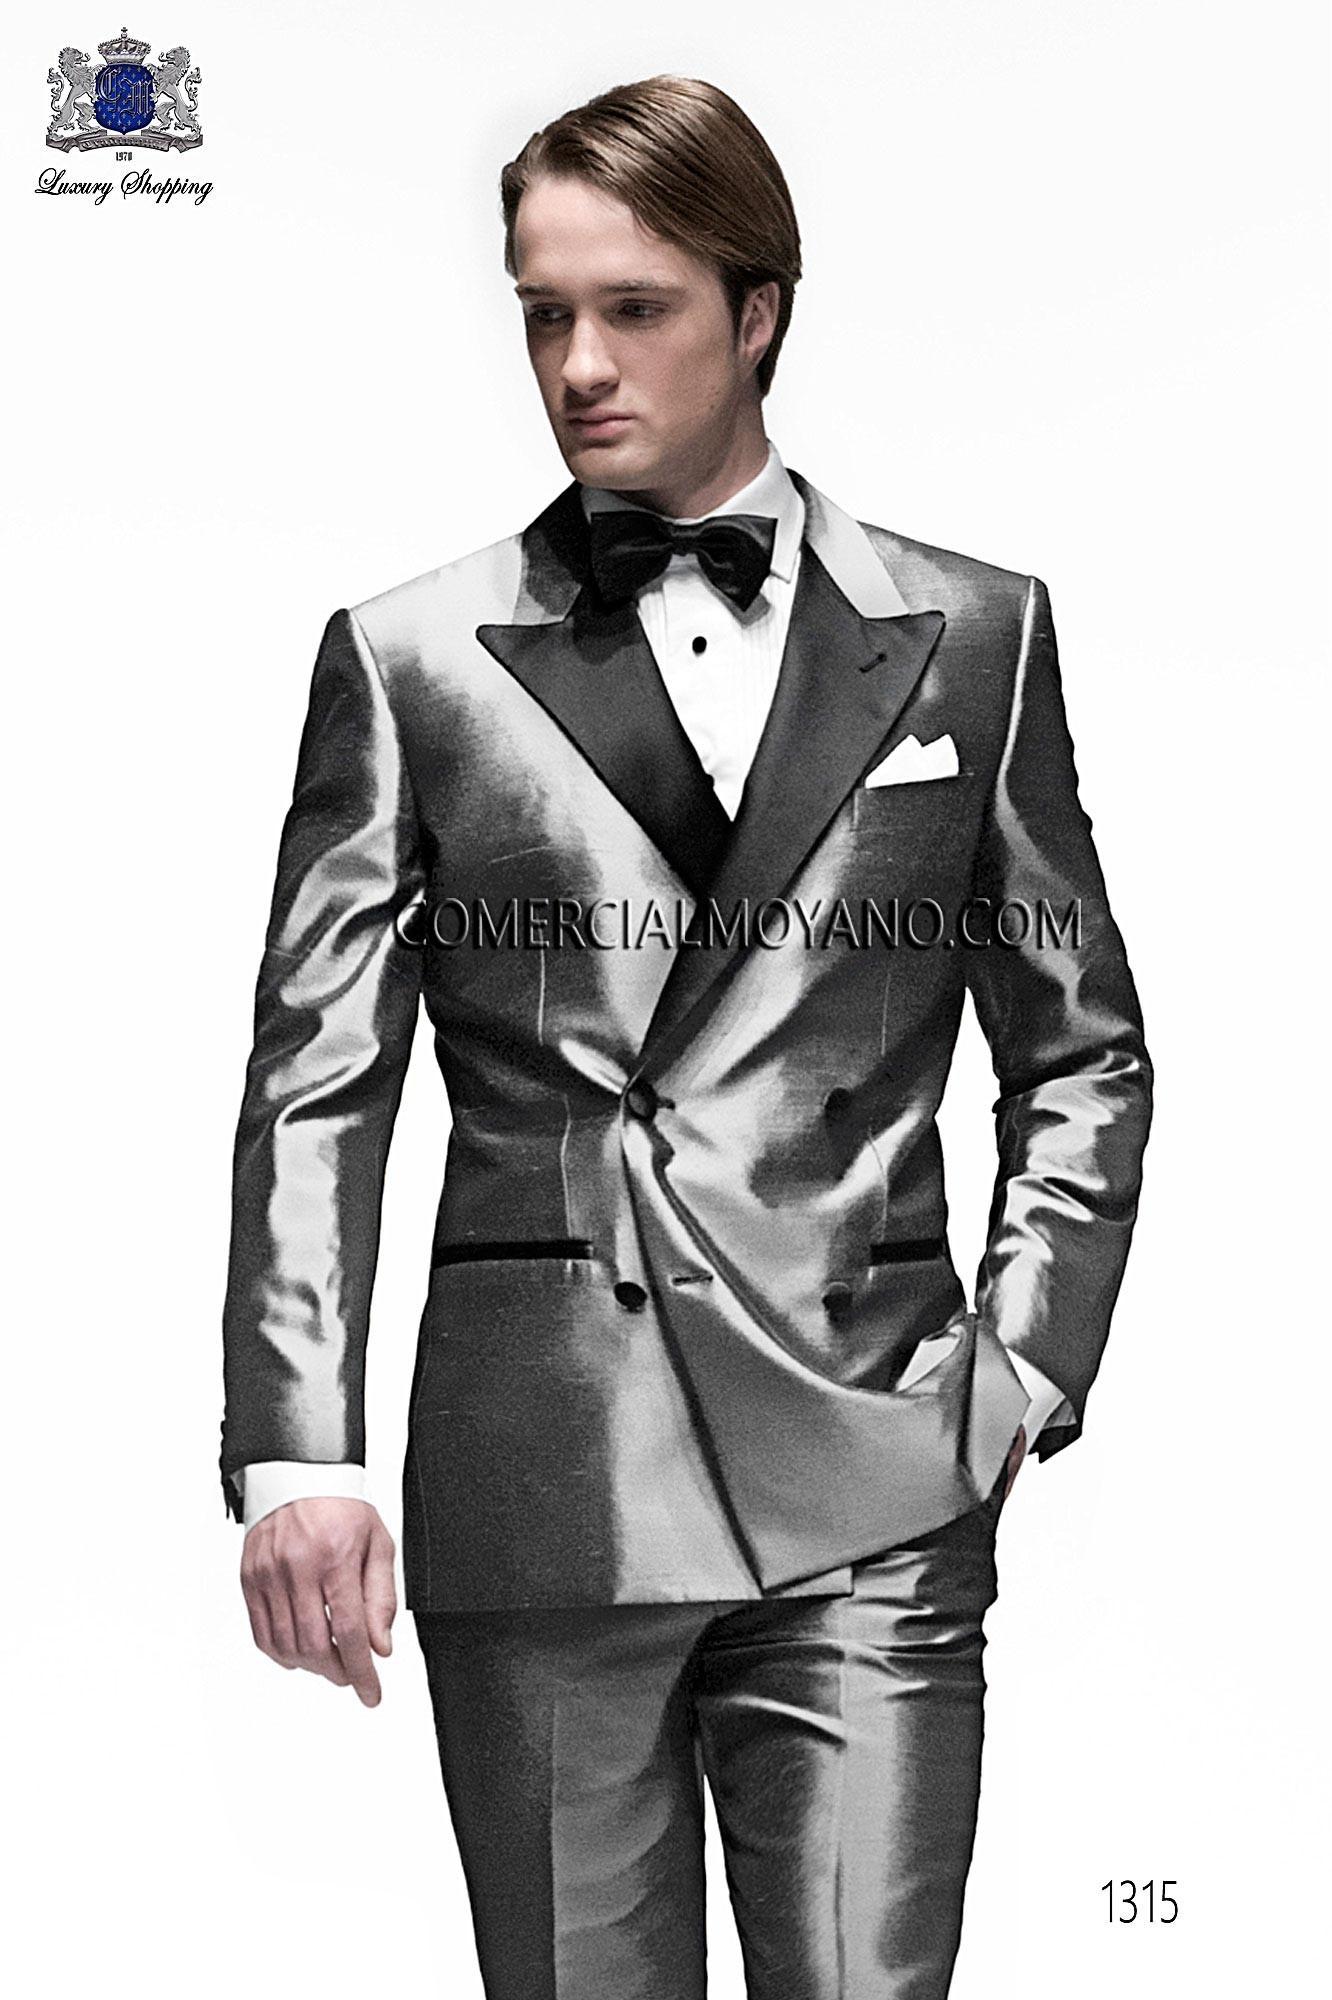 Traje BlackTie de novio gris modelo 1315 Ottavio Nuccio Gala colección Black Tie 2017